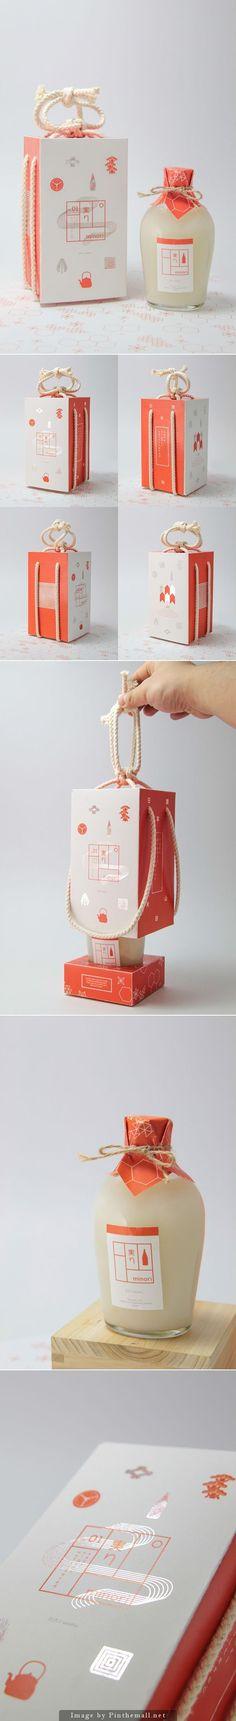 非常漂亮的米諾酒的包裝經由https://www.behance.net/gallery/17444375/Minori-Sake創建包裝歌姬PD策劃: